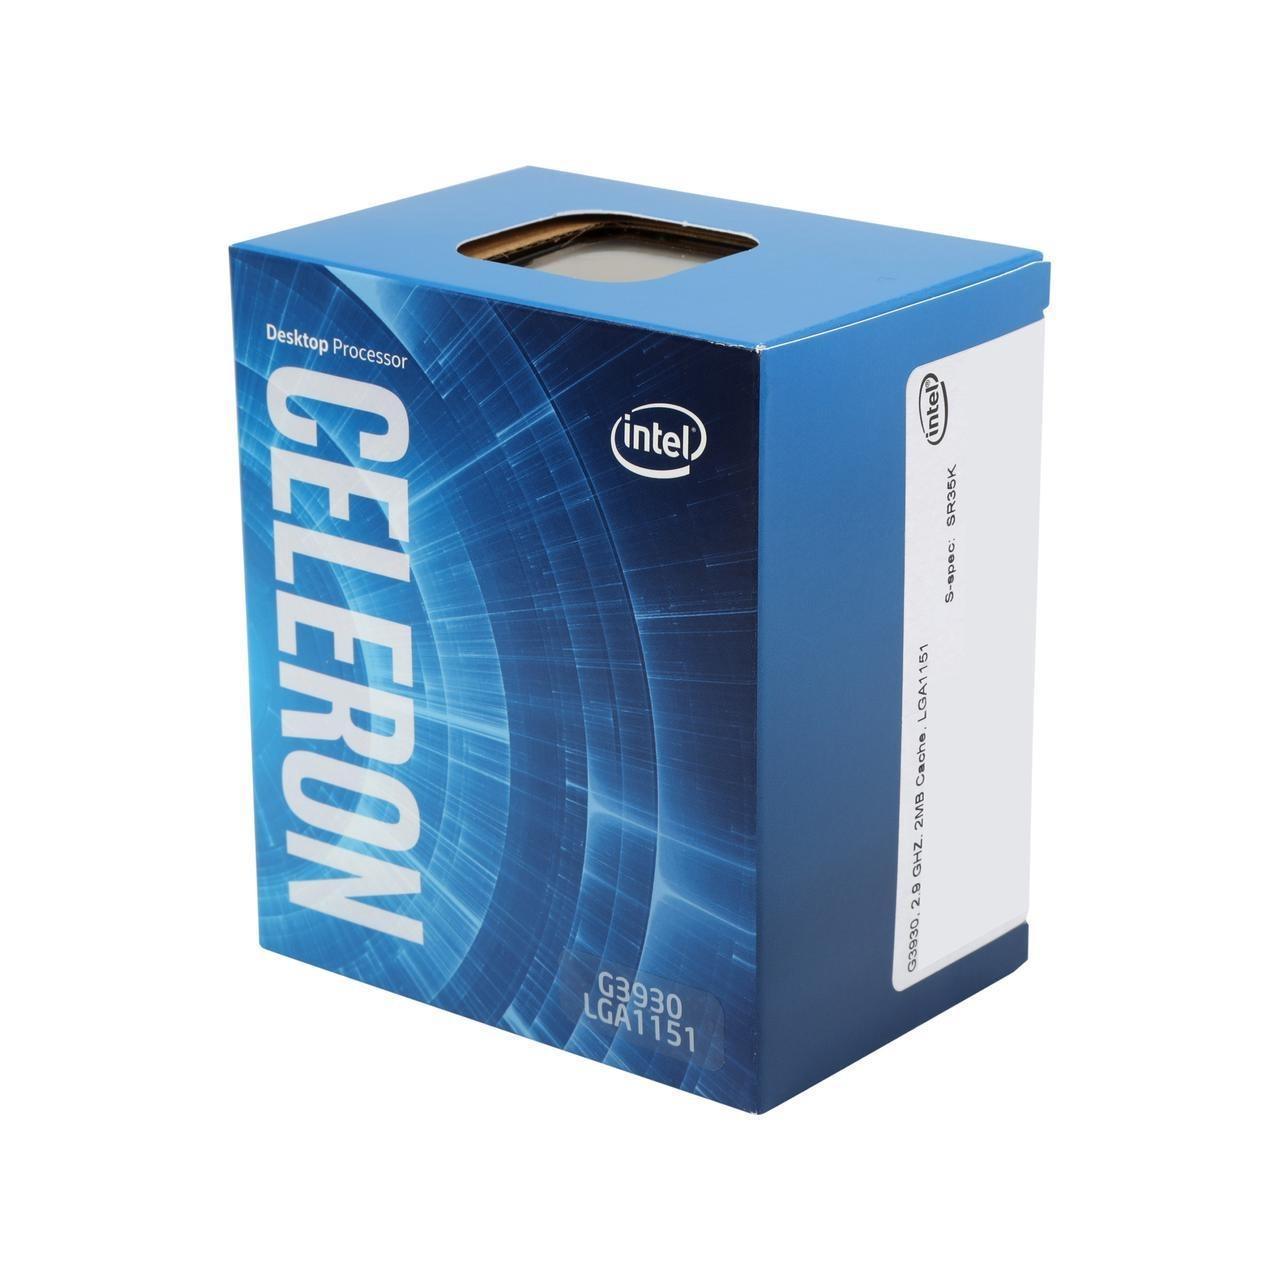 Hình ảnh Bộ Vi xử lí Intel Celeron G3930